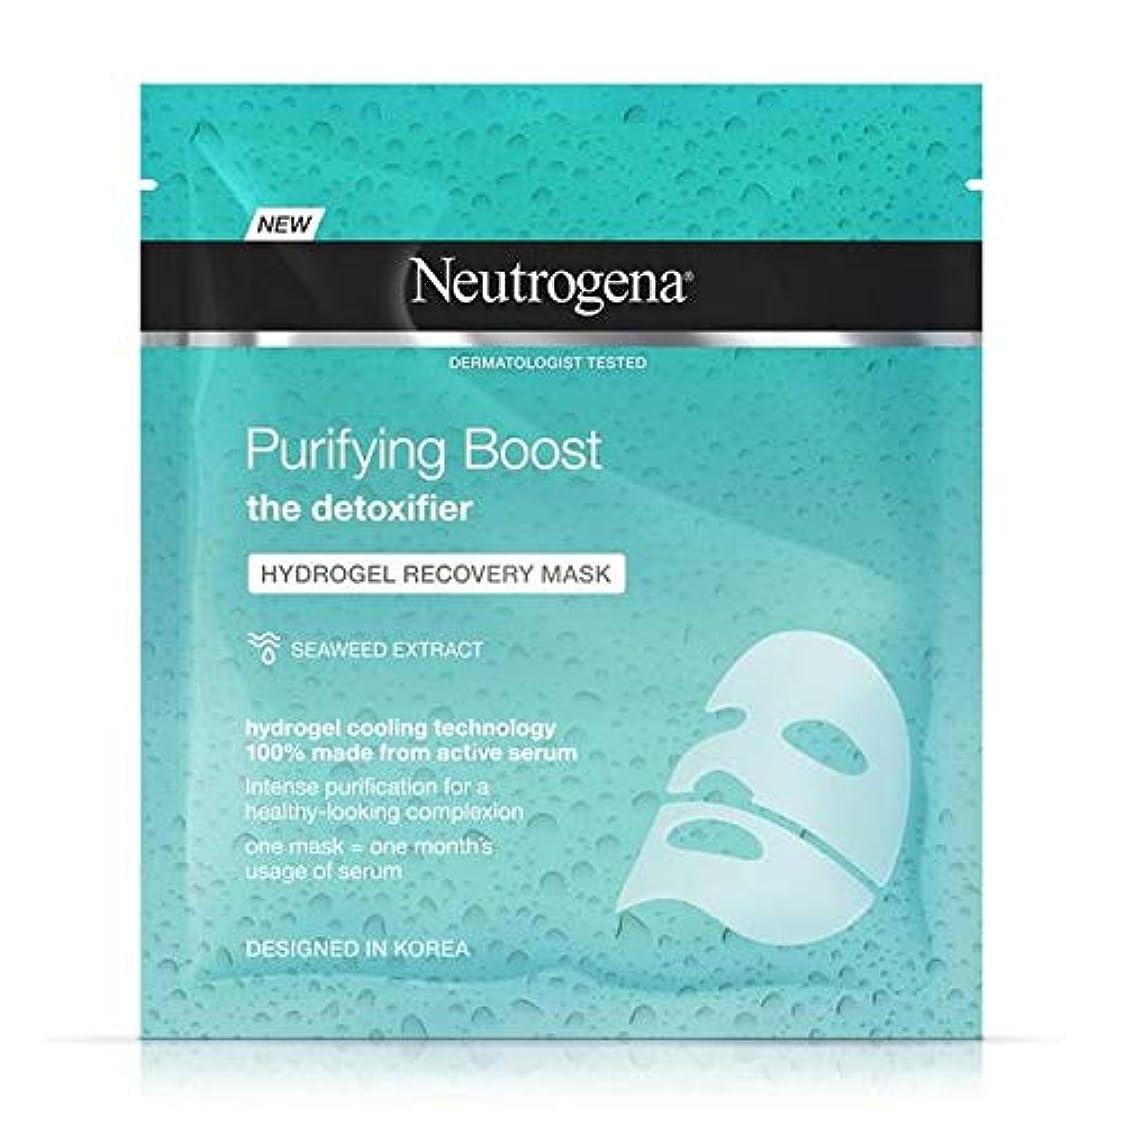 コーヒー食事属性[Neutrogena] ニュートロジーナ浄化ブーストハイドロゲルマスク30ミリリットル - Neutrogena Purifying Boost Hydrogel Mask 30ml [並行輸入品]